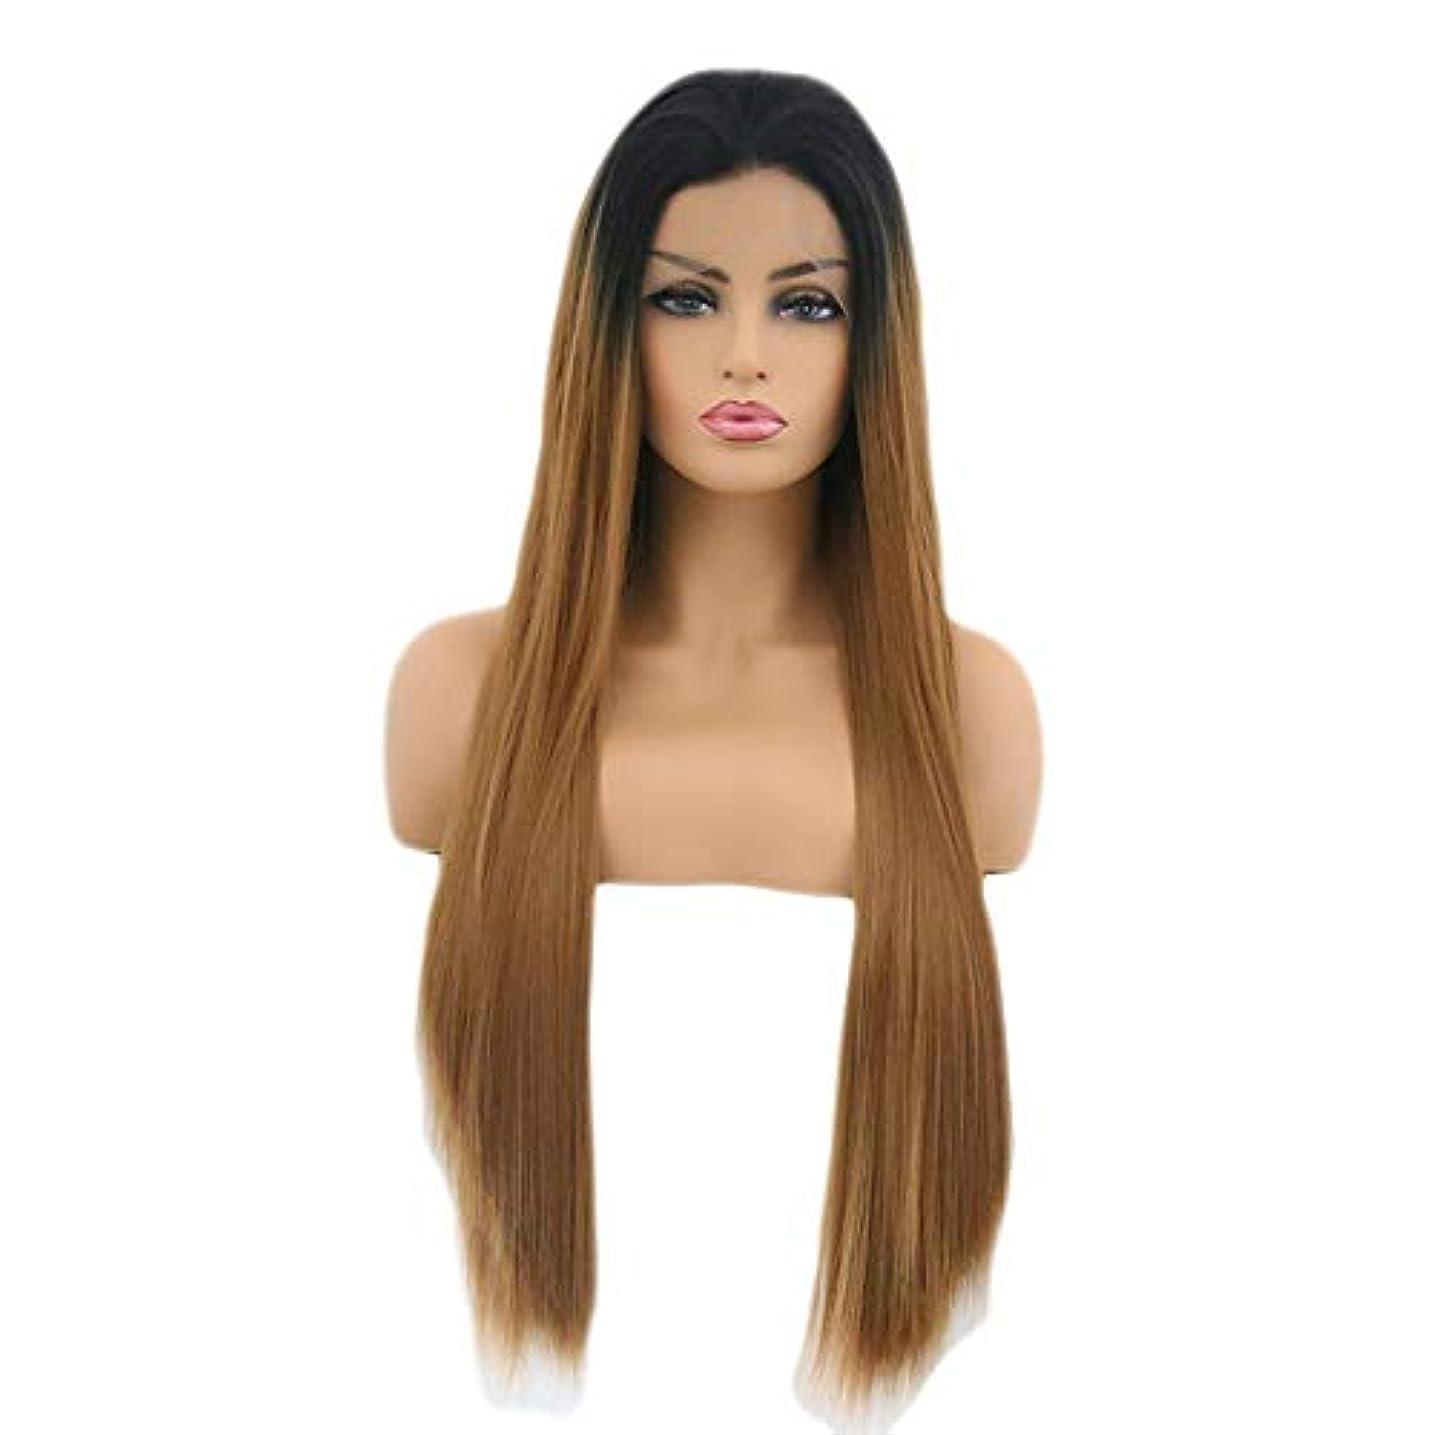 取り替える呪い住居ファッショナブルな女性のかつら、長いストレートの髪のかつら、任意の頭の形のための高温ワイヤー調節可能なかつら16-26インチの自然なフロントレースのグラデーション